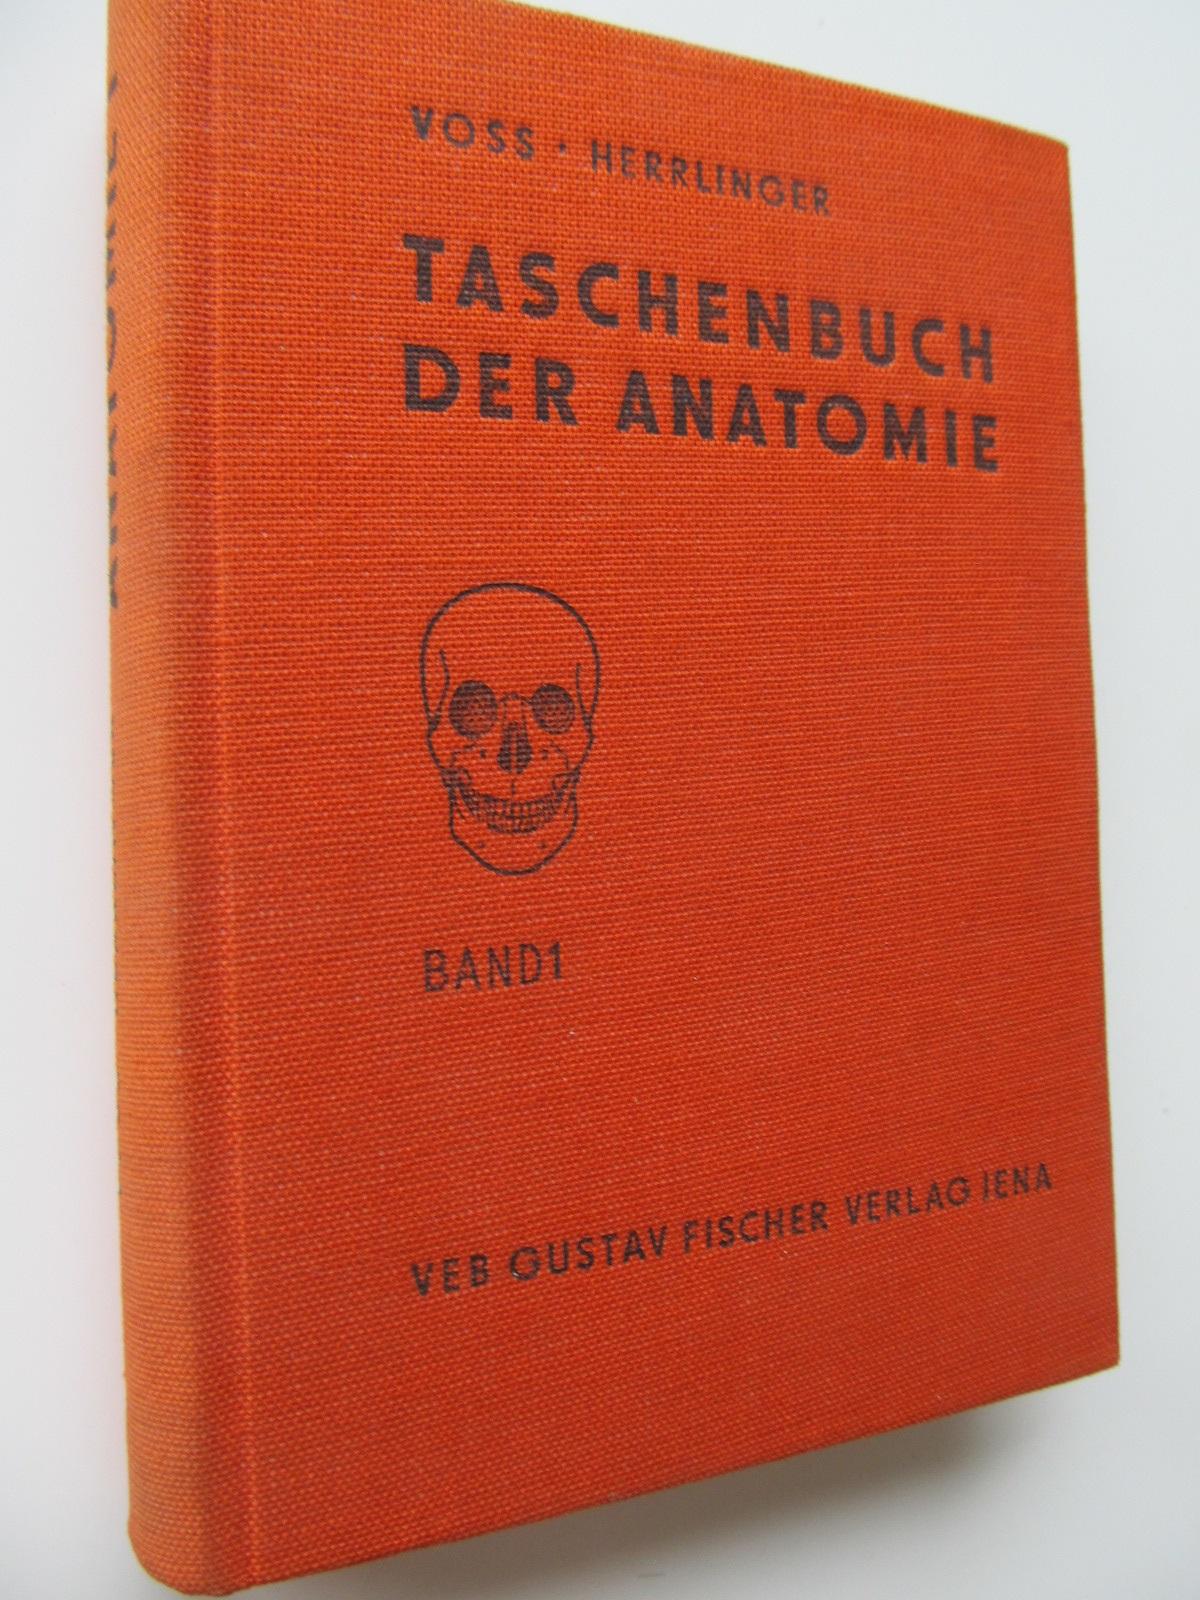 Taschenbuch der Anatomie (vol. 1) - Hermann Voss , Robert Herrlinger | Detalii carte